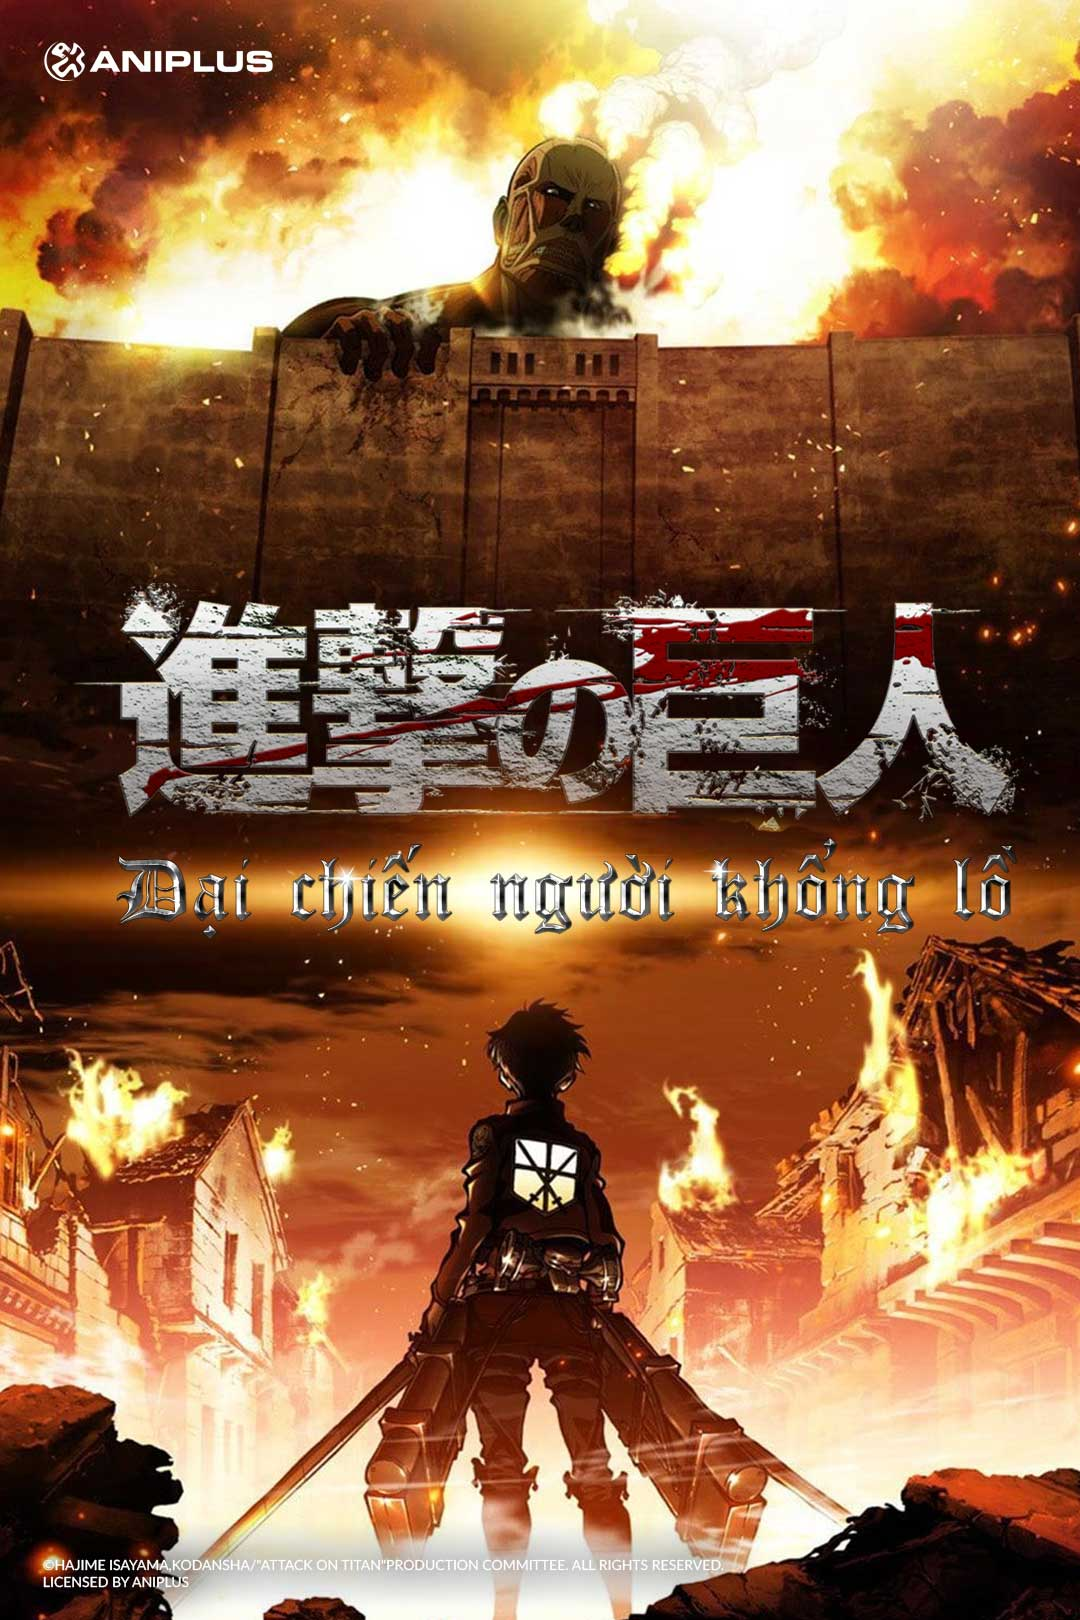 Attack On Titan - Đại Chiến Người Khổng Lồ Phần 3 (16+) Phần 1